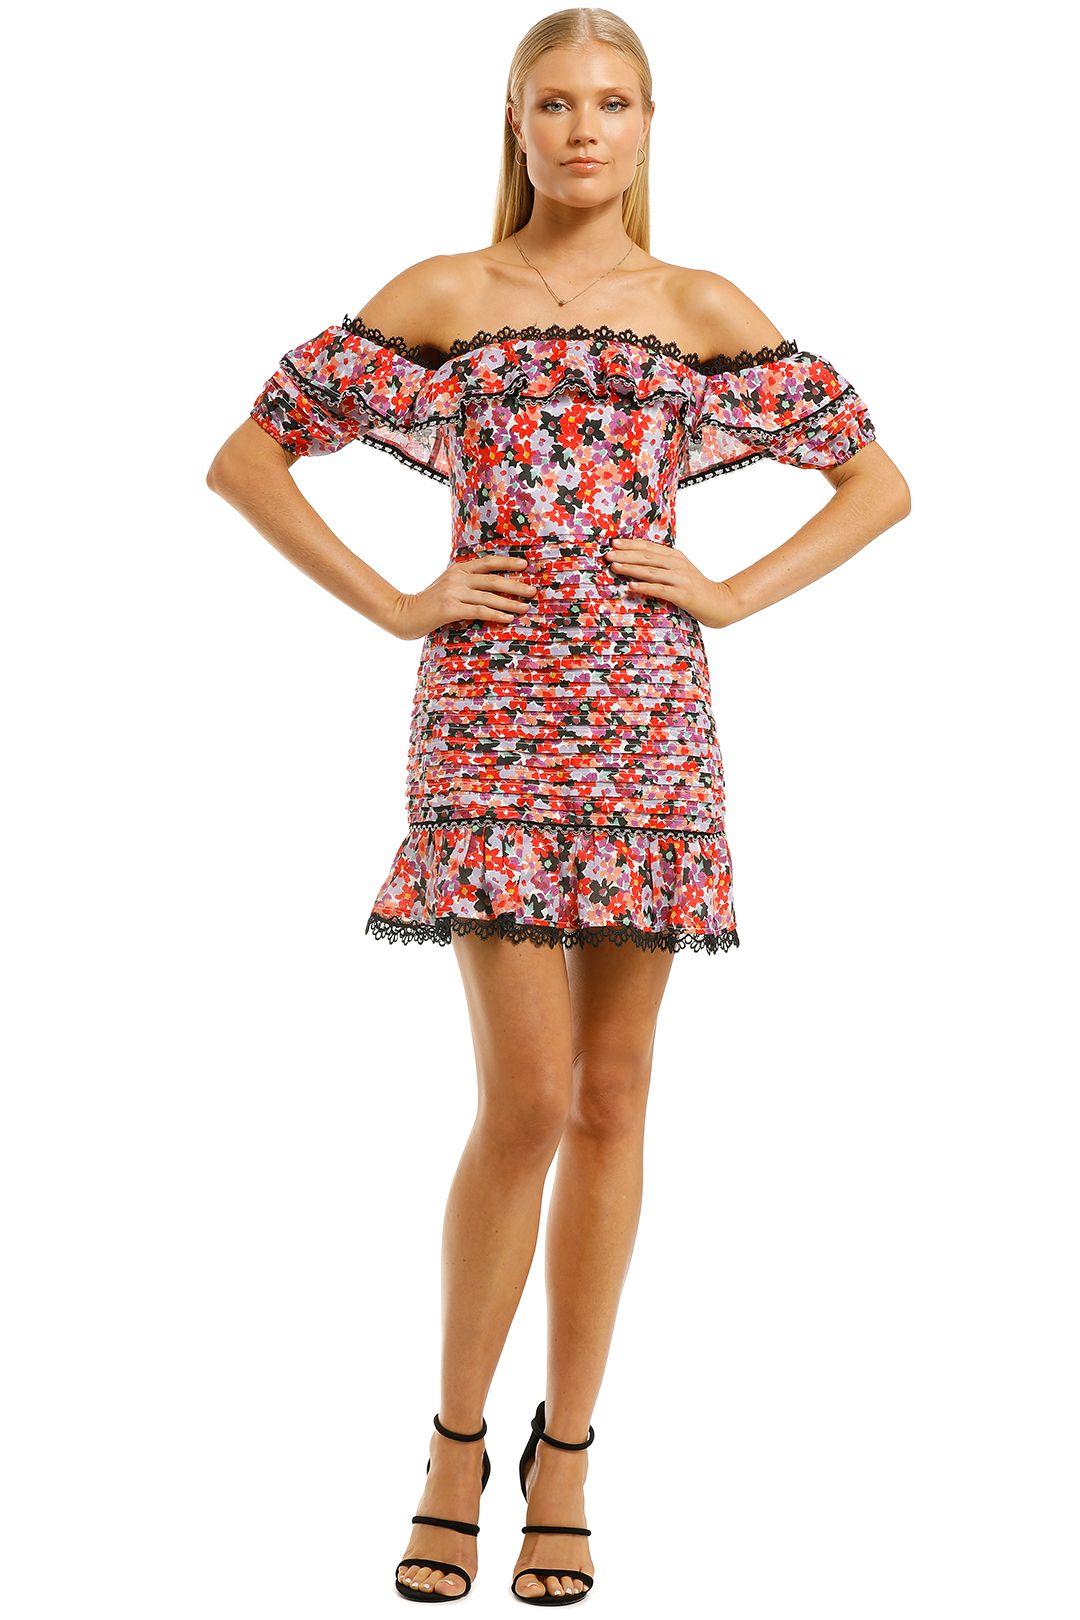 Talulah-Kiss-Me-Mini-Dress-Daisy-Days-Print-Front